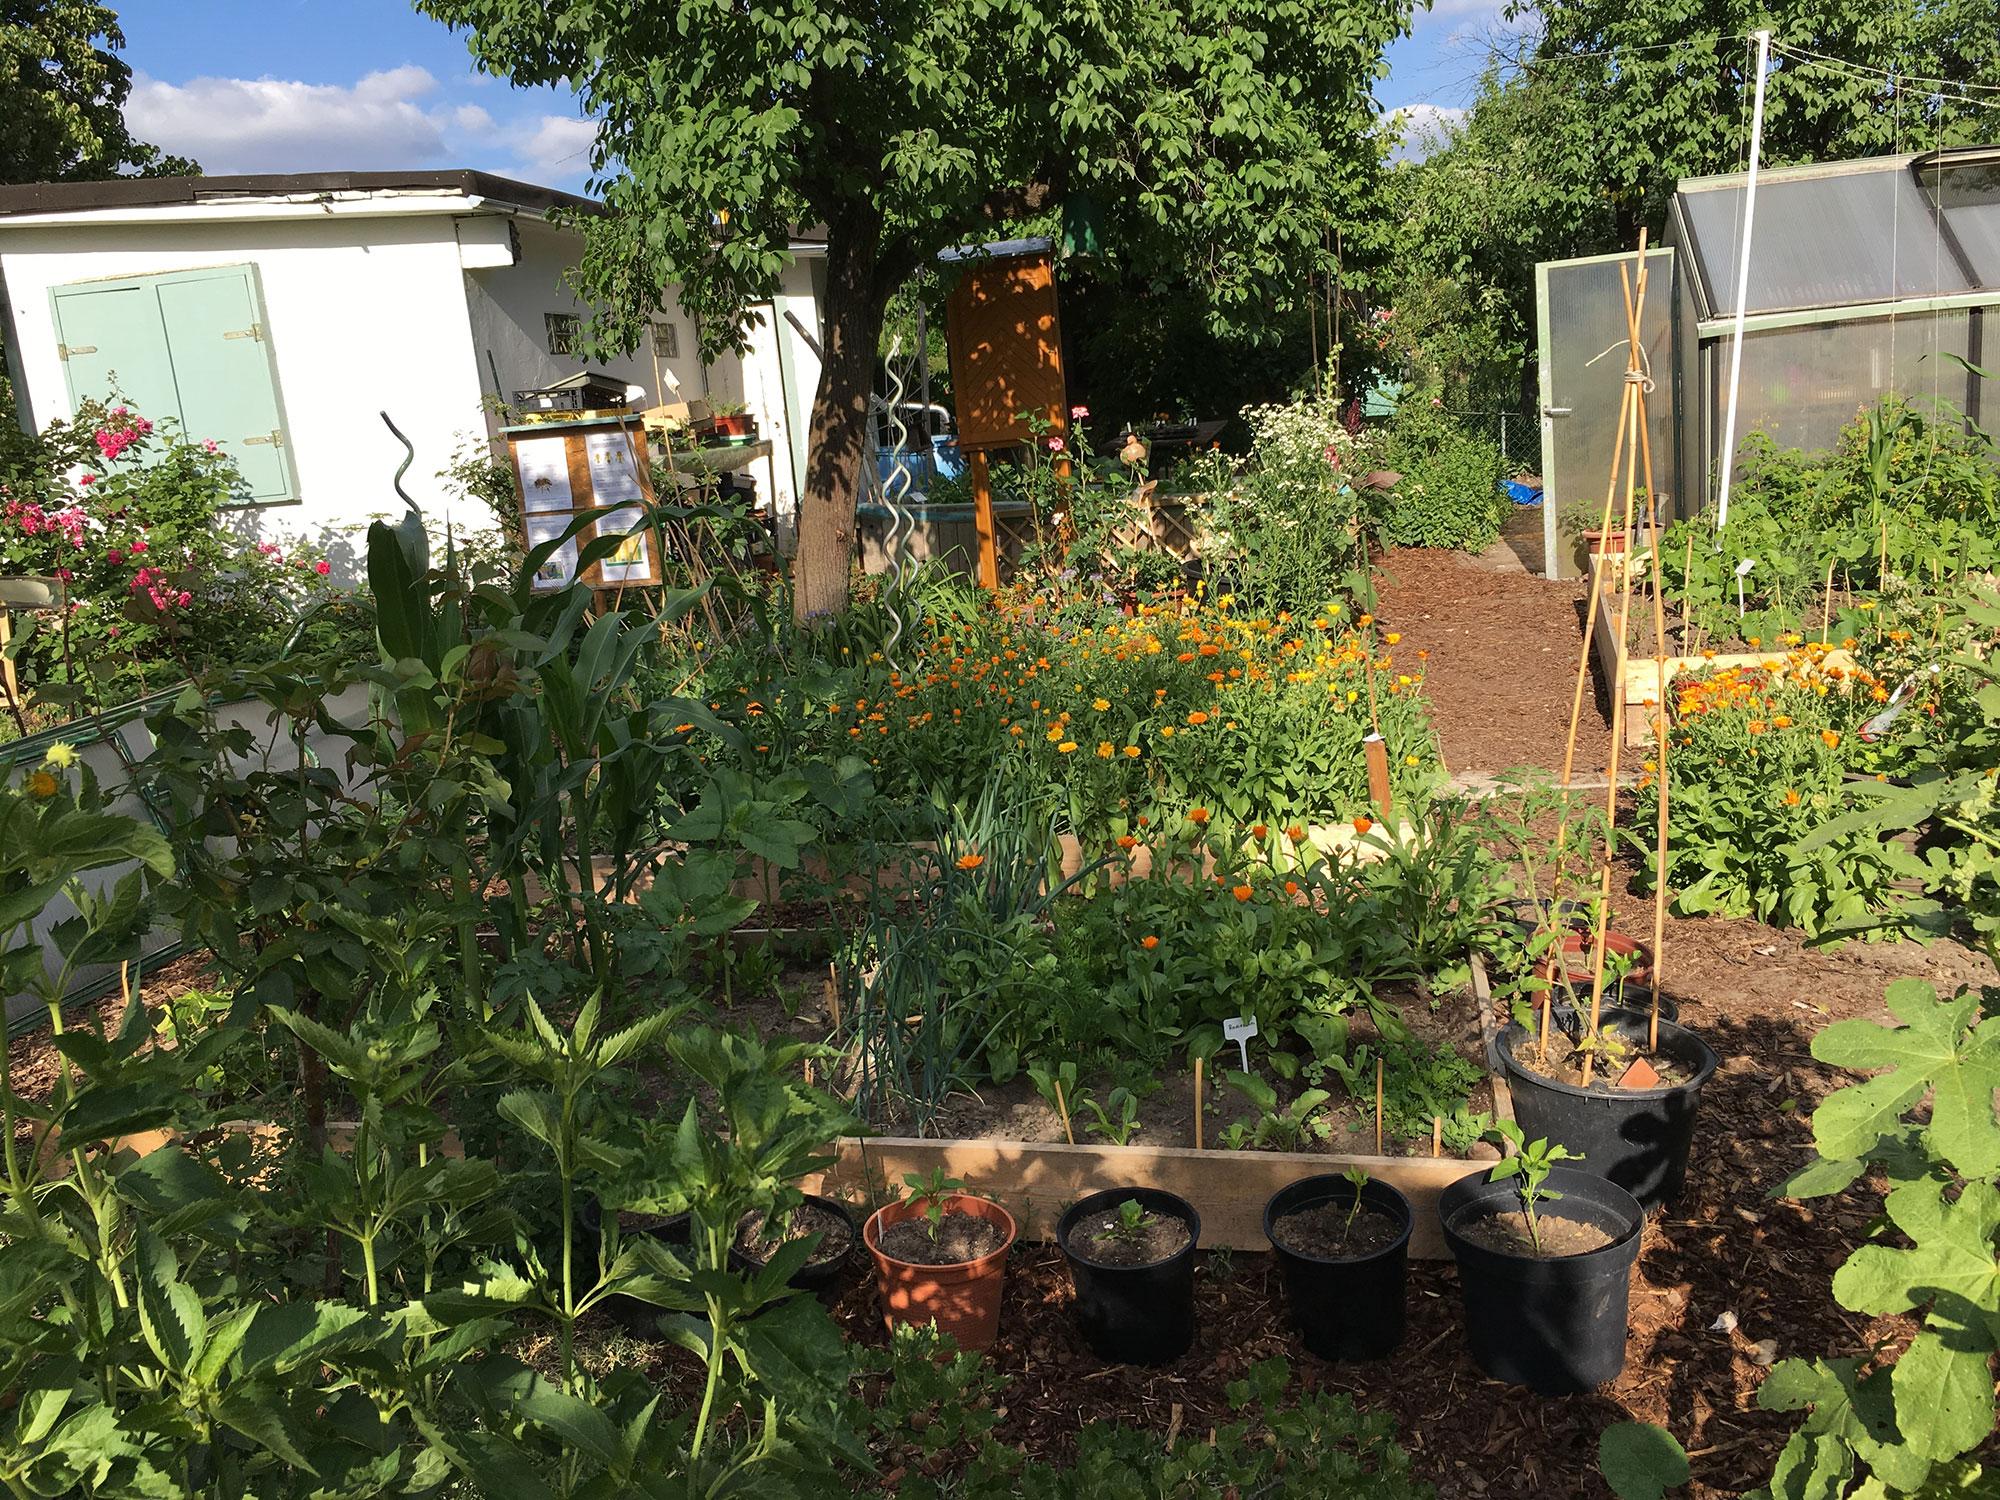 Mitmachen kann jede und jeder im Lehrgarten der Kleingartenanlage Feldblume 1915 © K. Schwahlen 2018